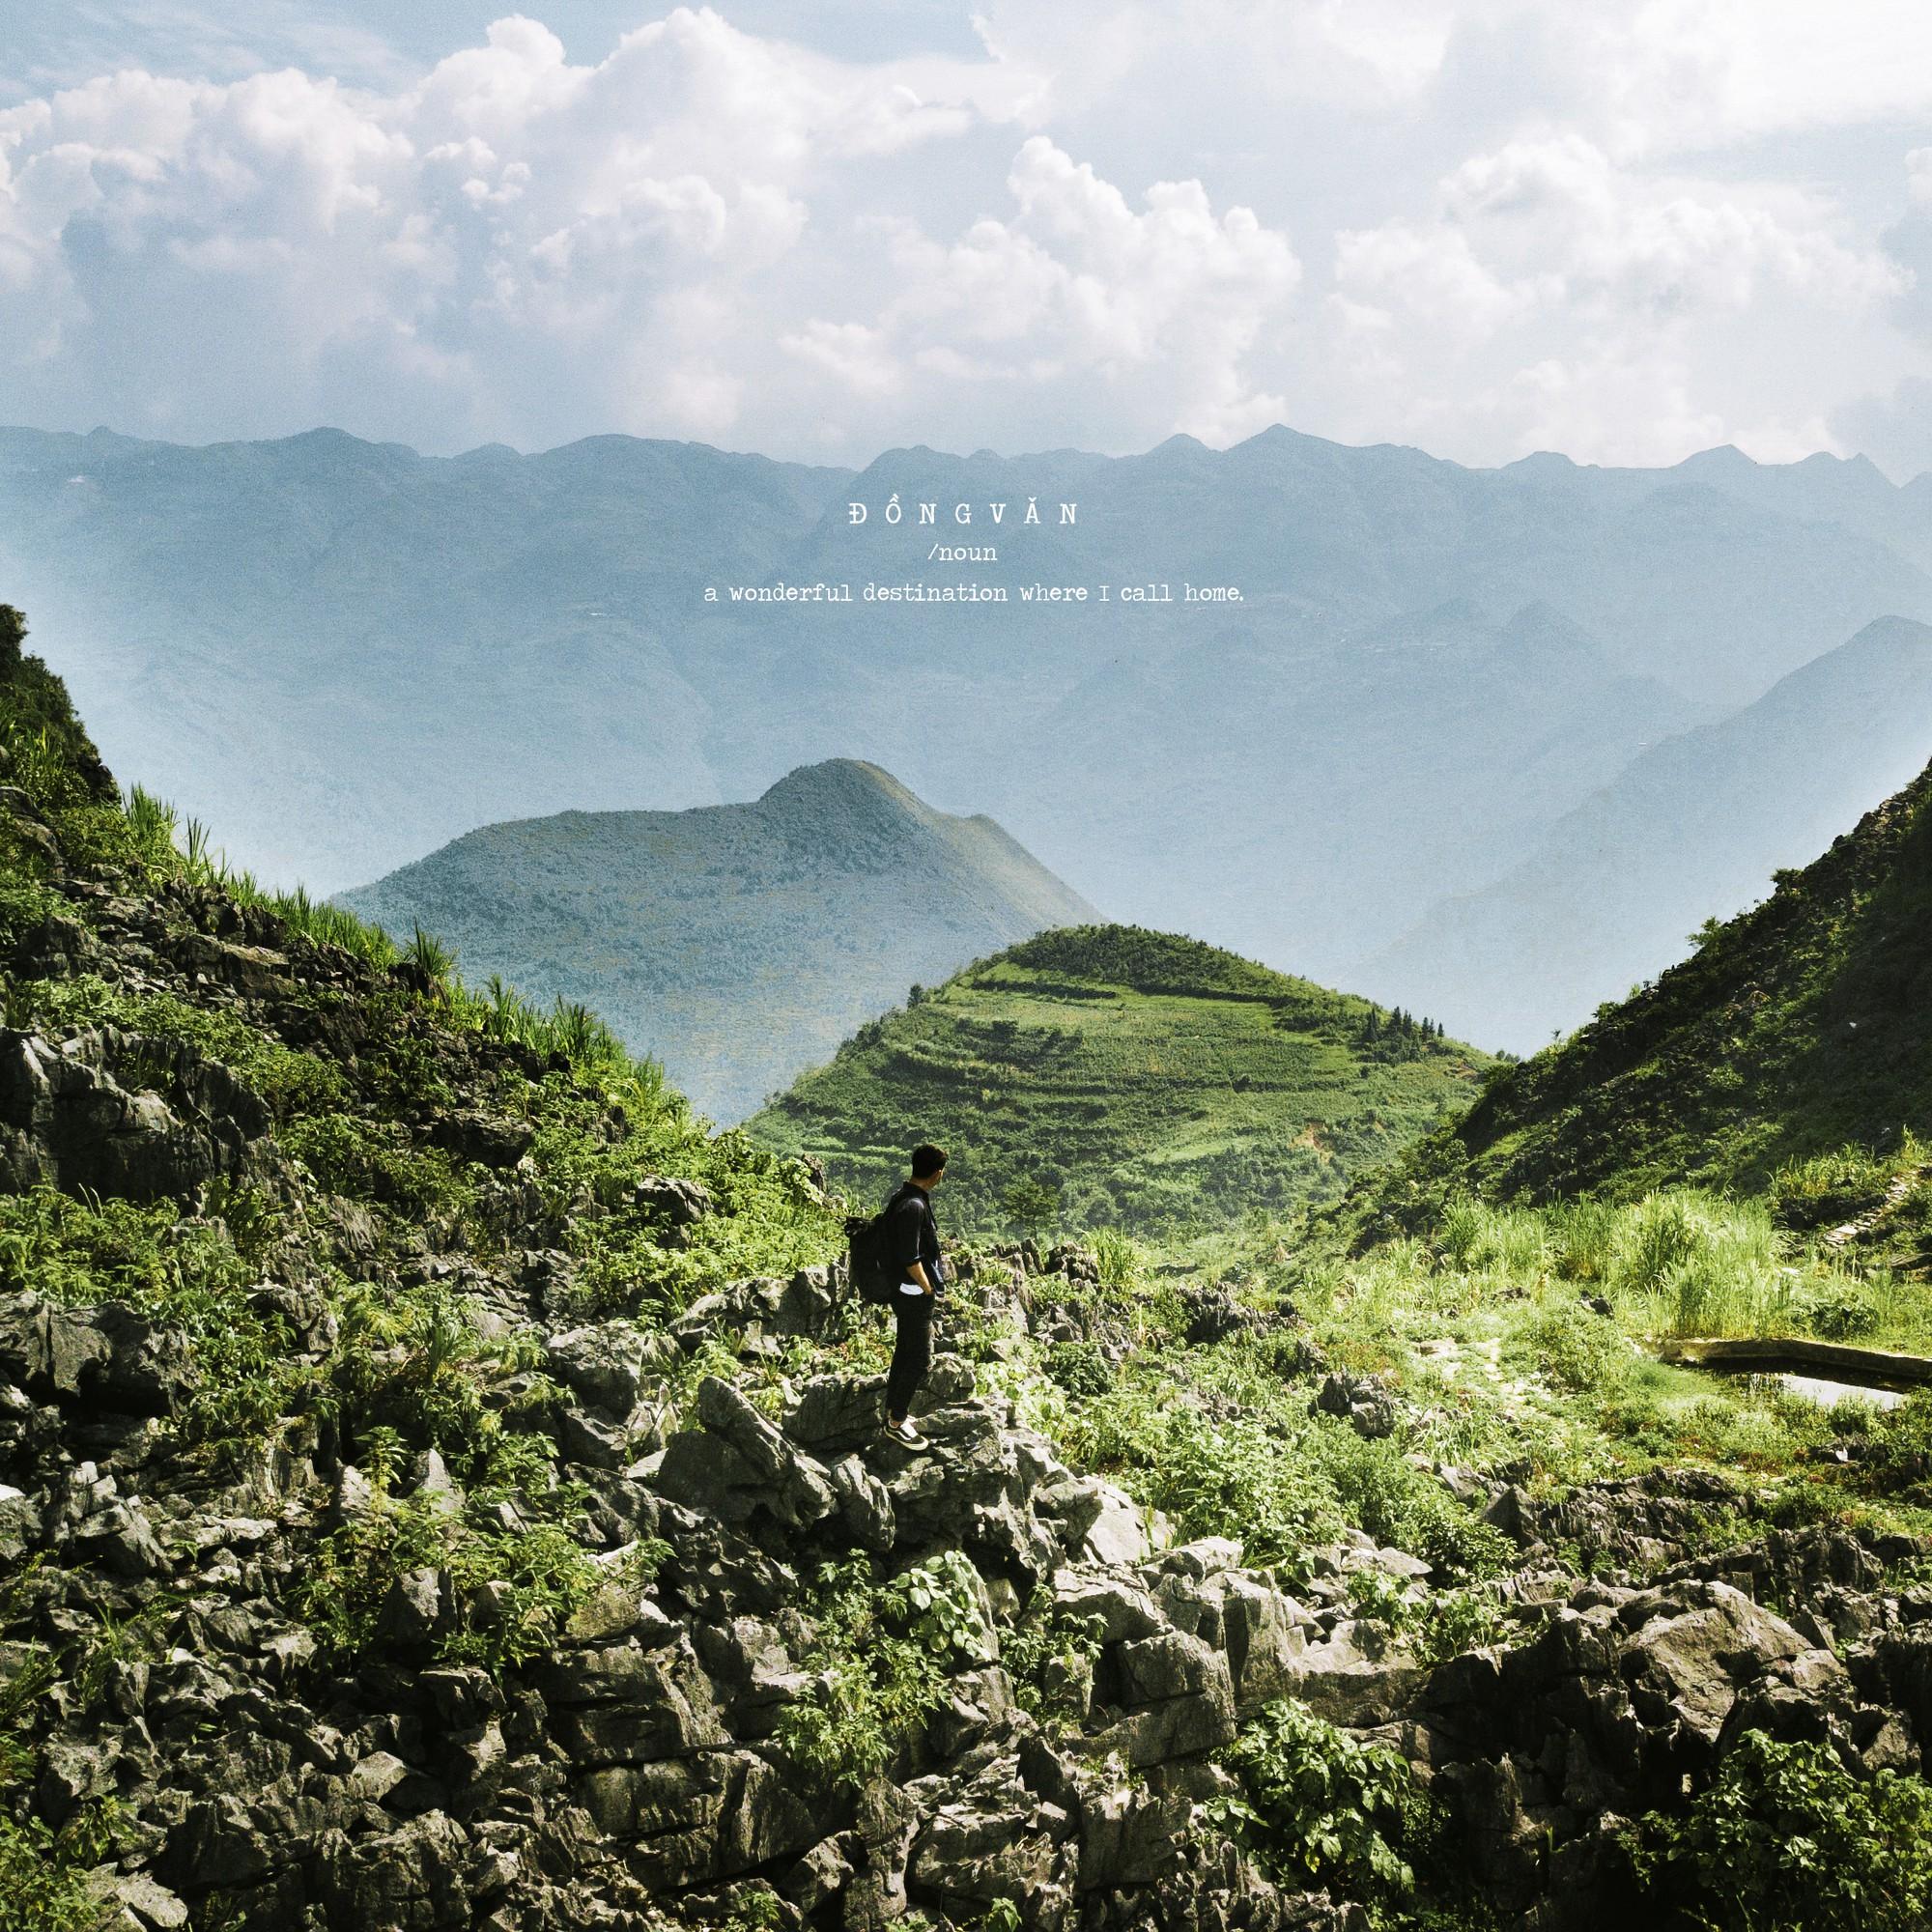 Cực phẩm Hà Giang trong video của blogger du lịch điển trai: Đầy tiếng cười trẻ thơ và cảnh vật thì đẹp xuất thần - Ảnh 2.